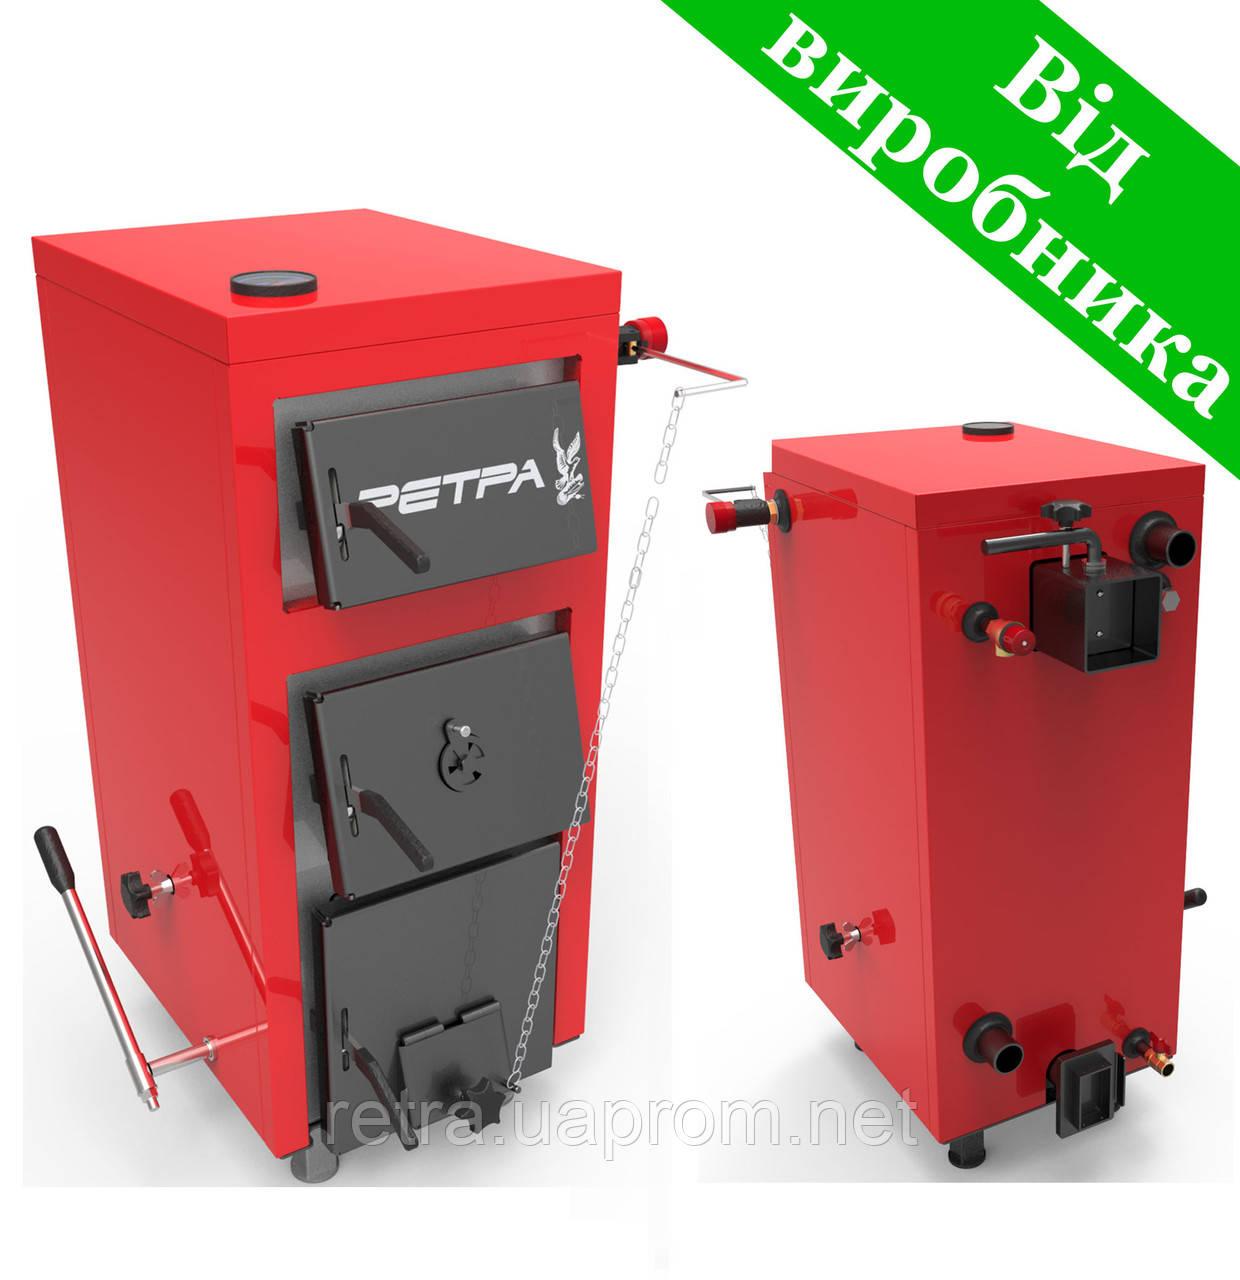 Котел твердотопливный Ретра-5М 10 кВт длительного горения